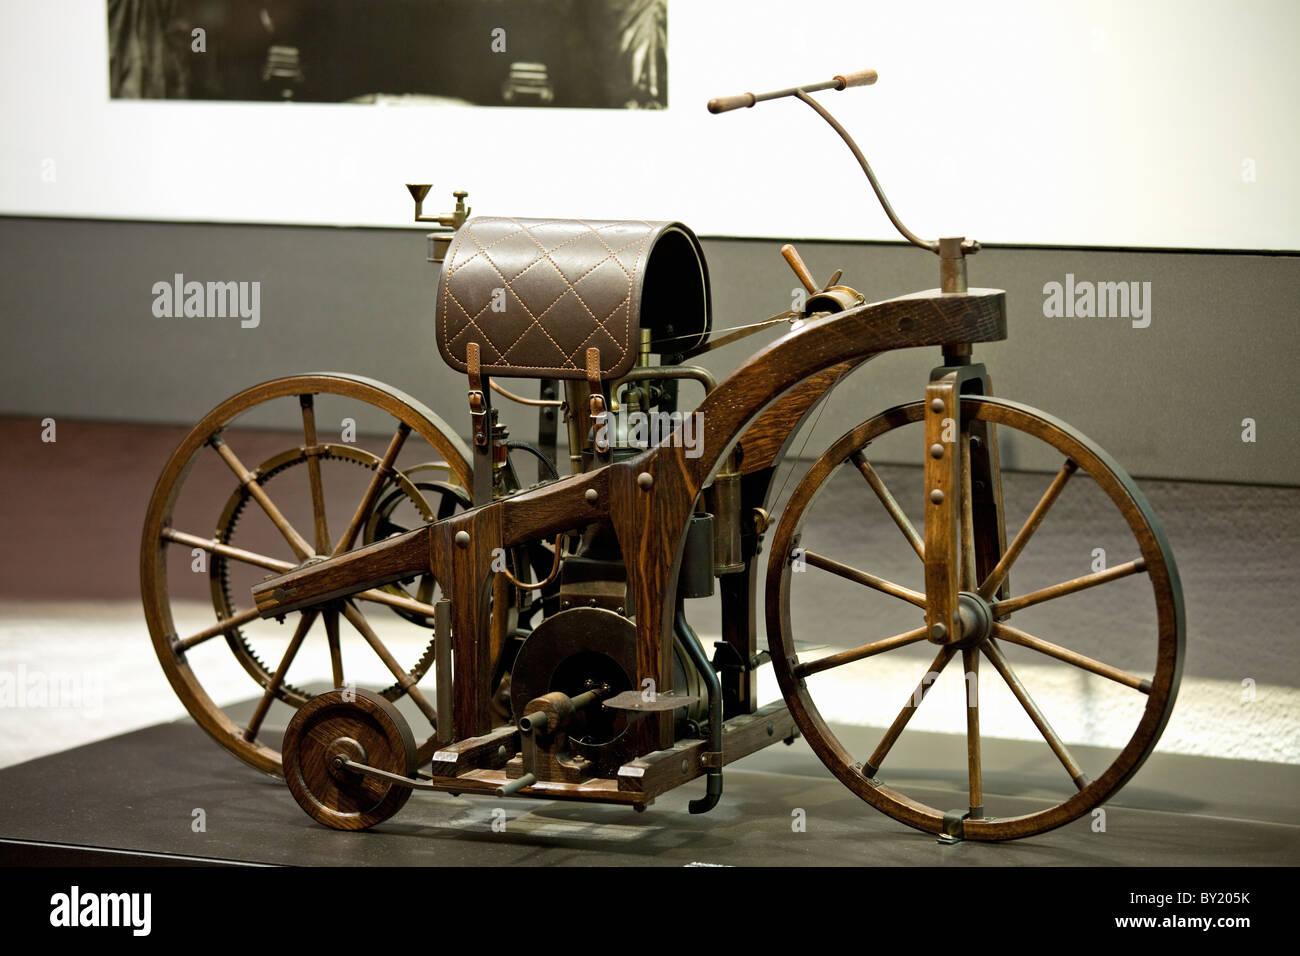 Deutschland, Bad Cannstatt, Gottlieb Daimler Gedenkstätte, Nachbau des ersten Reiten Auto, das weltweit erste Stockbild